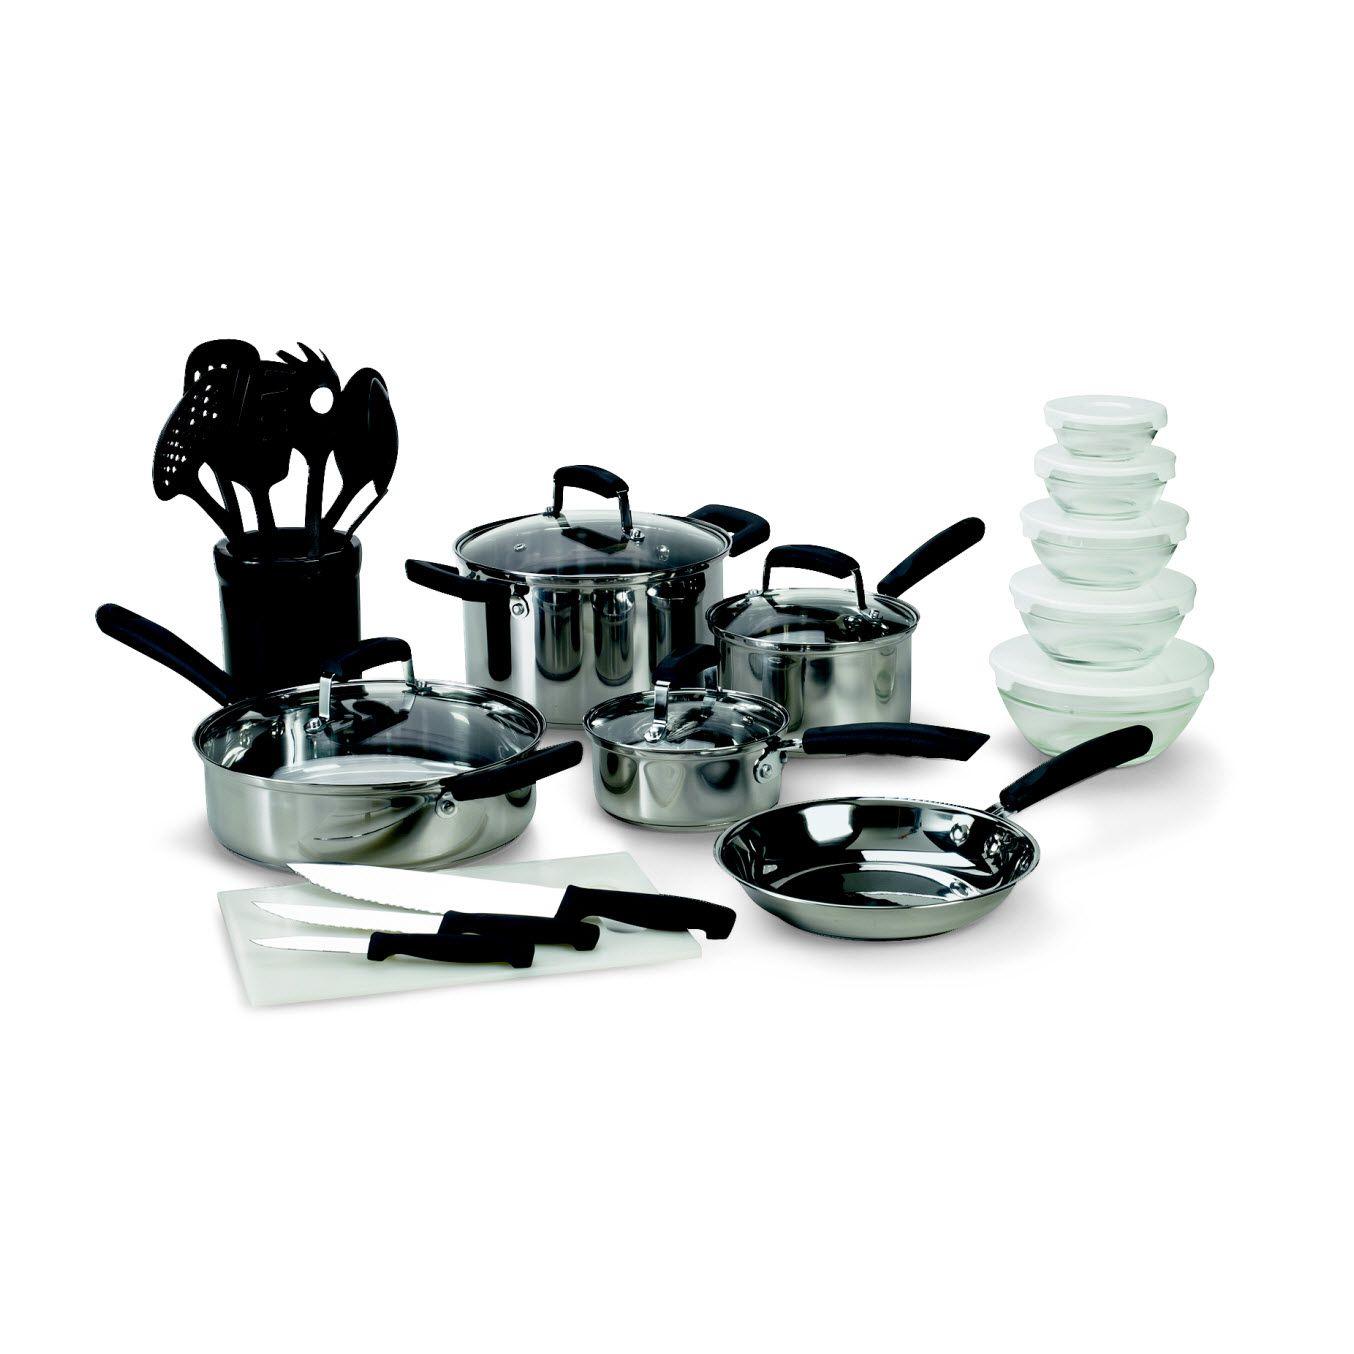 Basic Essentials 25 pc Stainless Steel Mega Set